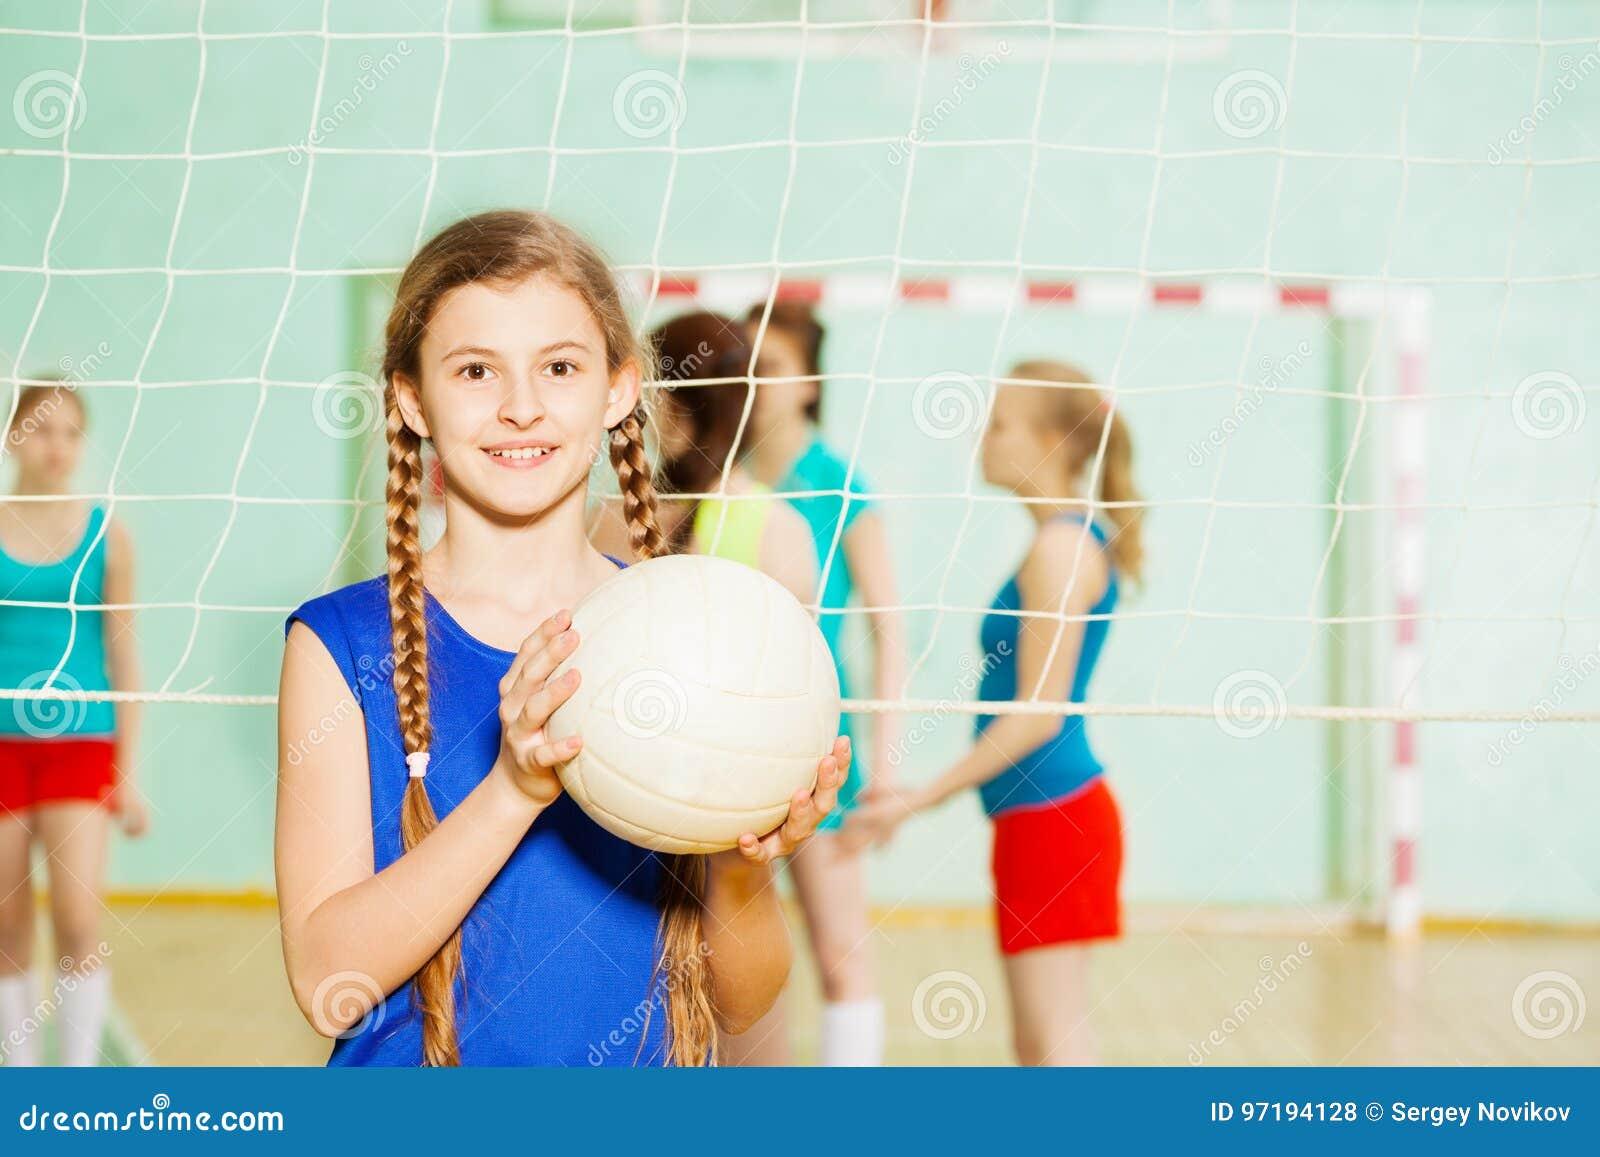 有排球球的青少年的女孩在体育馆里